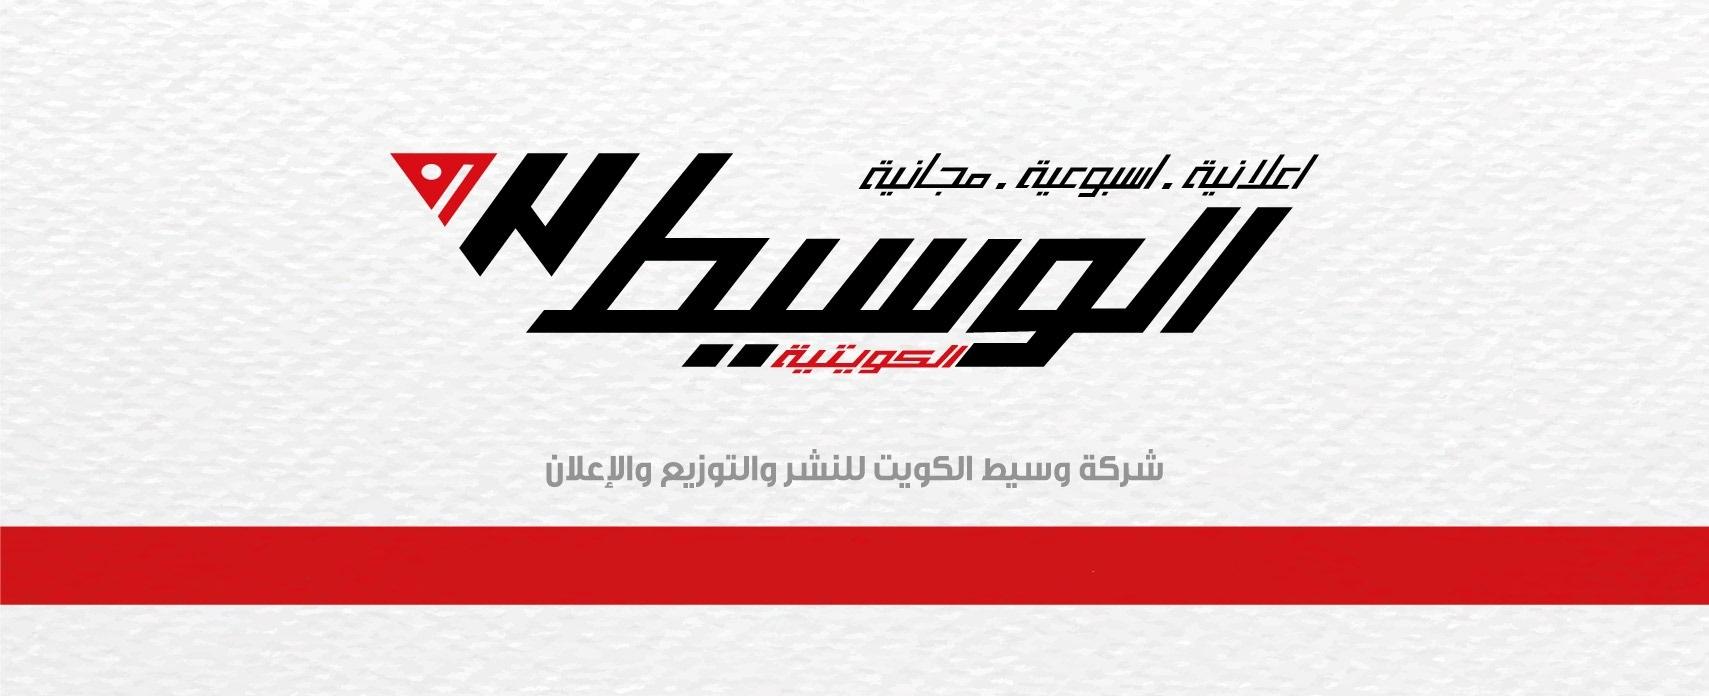 وظائف جريدة الوسيط الكويتية الجمعة 23/10/2020 waseet Newspaper jobs in kuwait